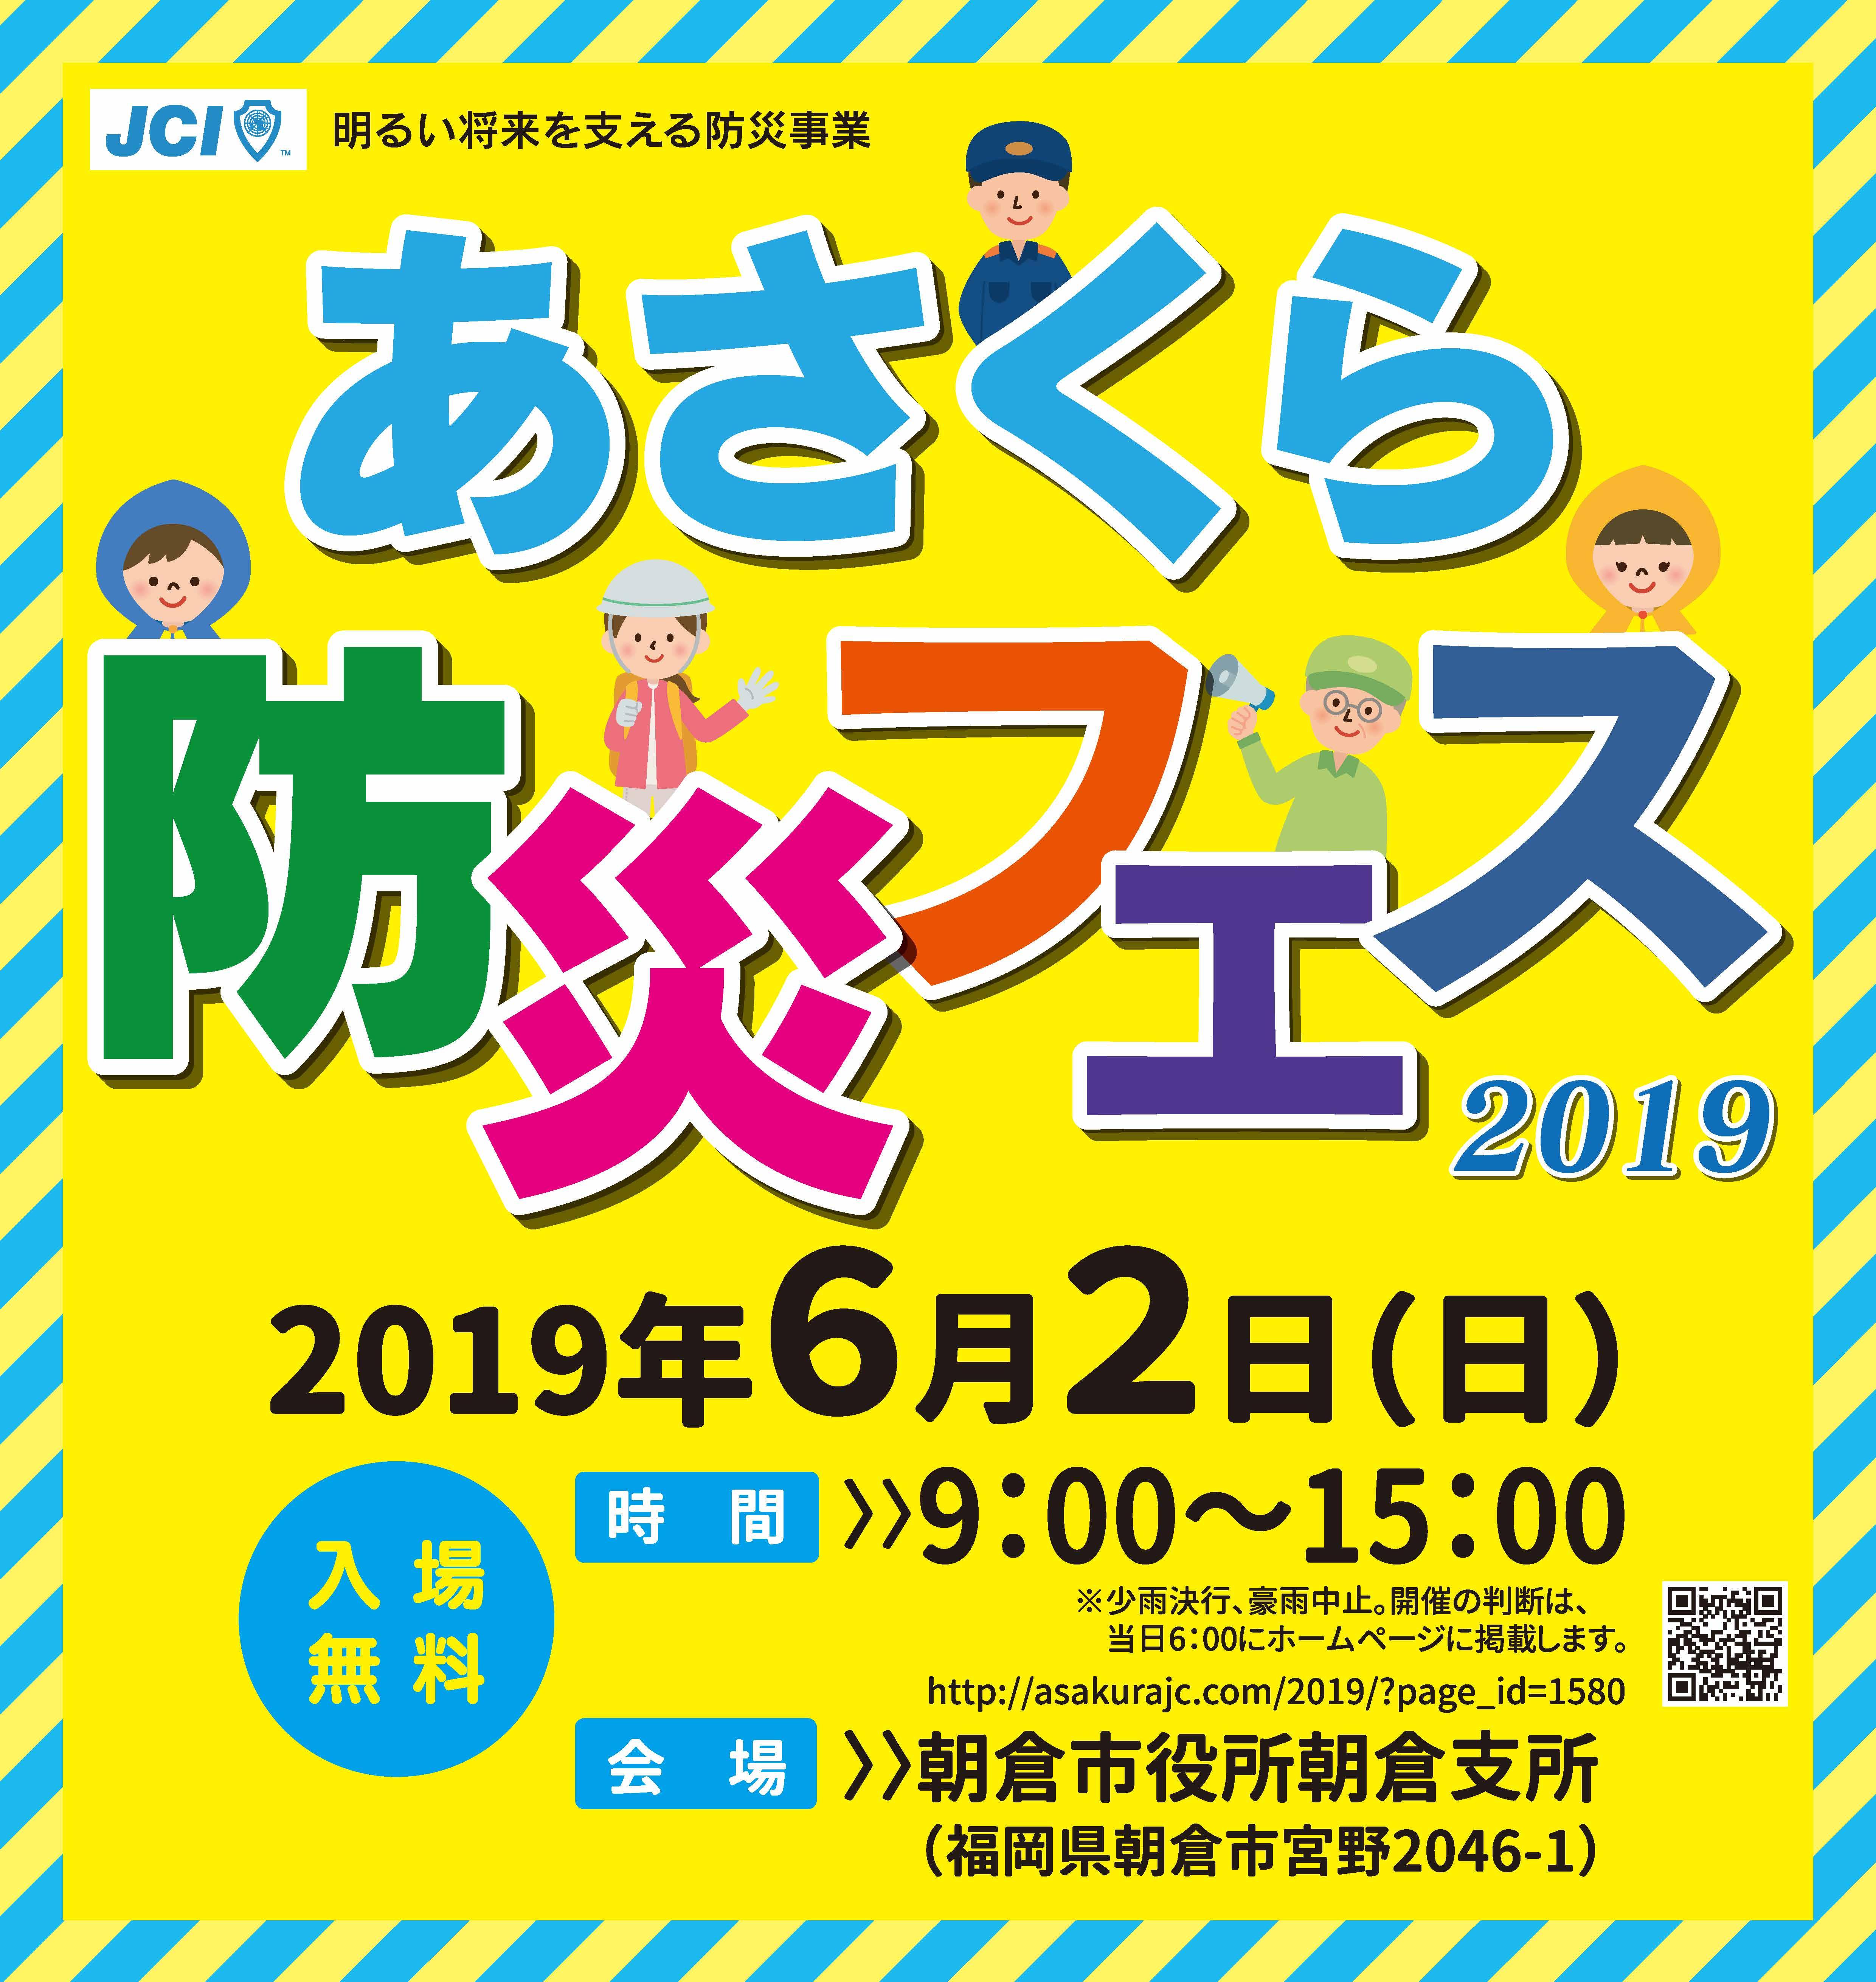 6/2(日)に防災フェスを開催いたします!!